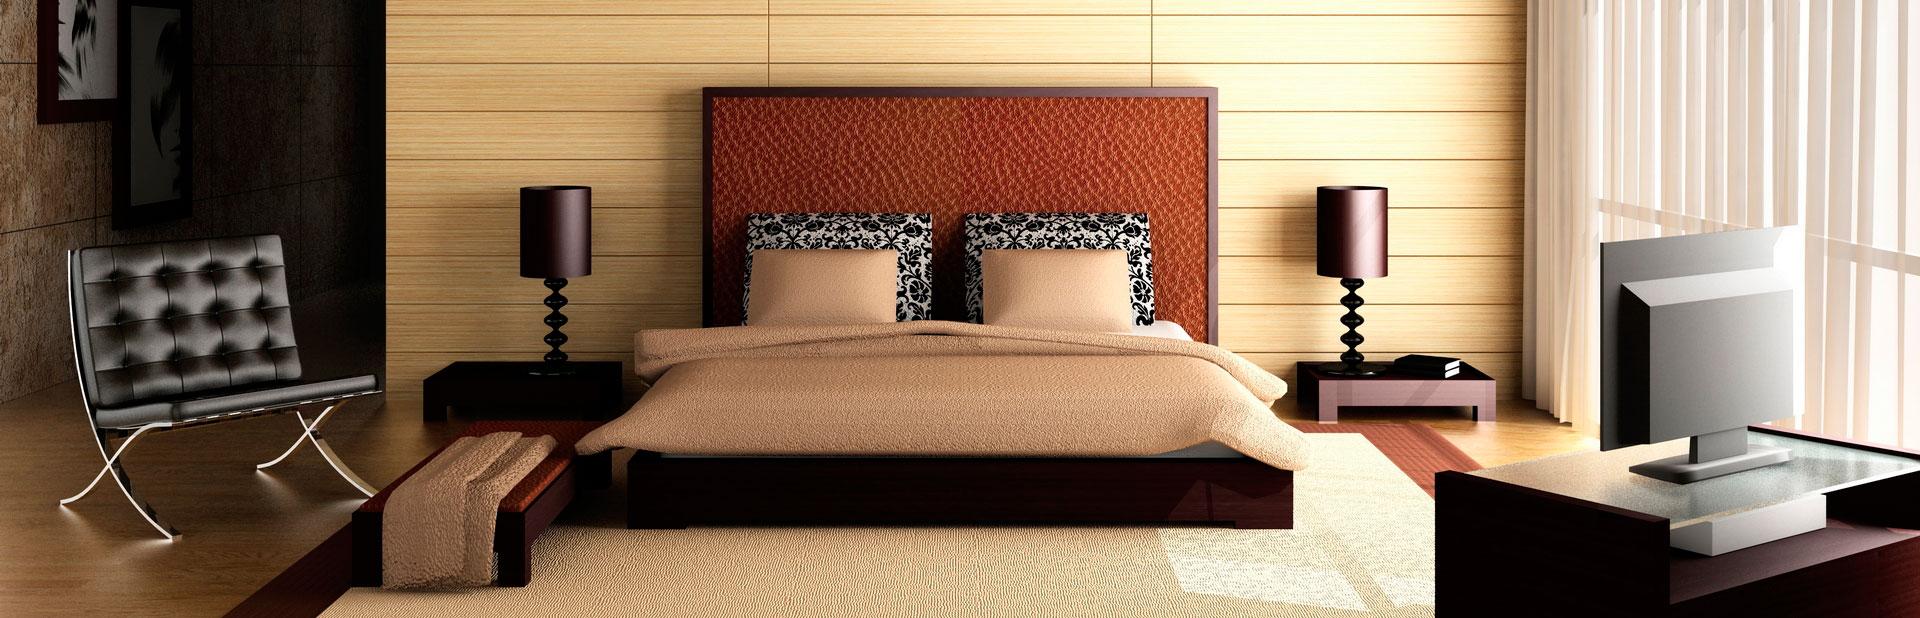 Дизайн интерьера квартир, домов и коттеджей